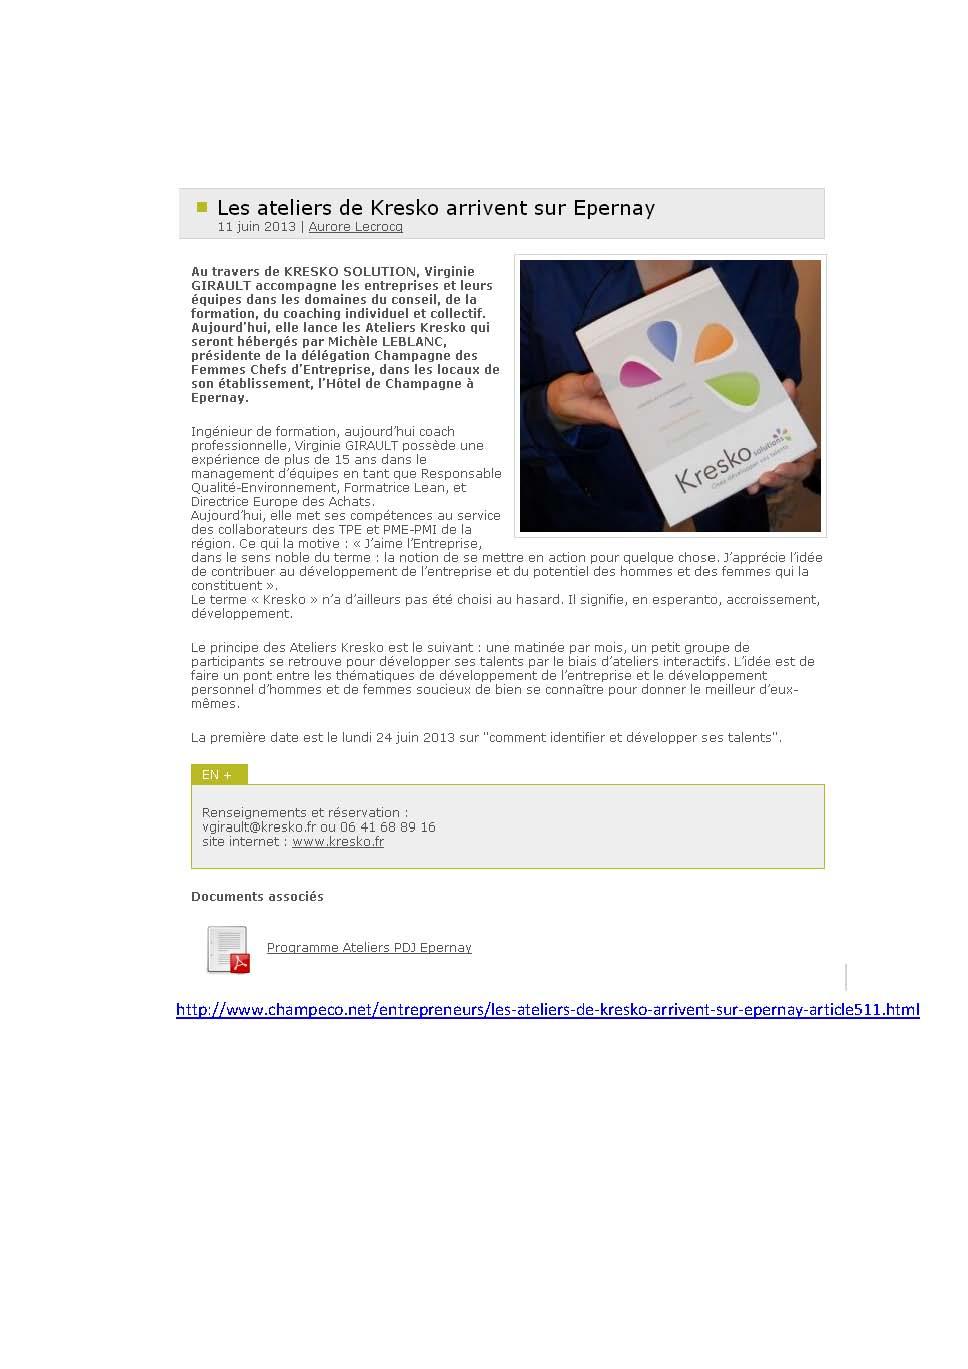 Les Ateliers de Kresko - Blog ChampEco - Juin 2013